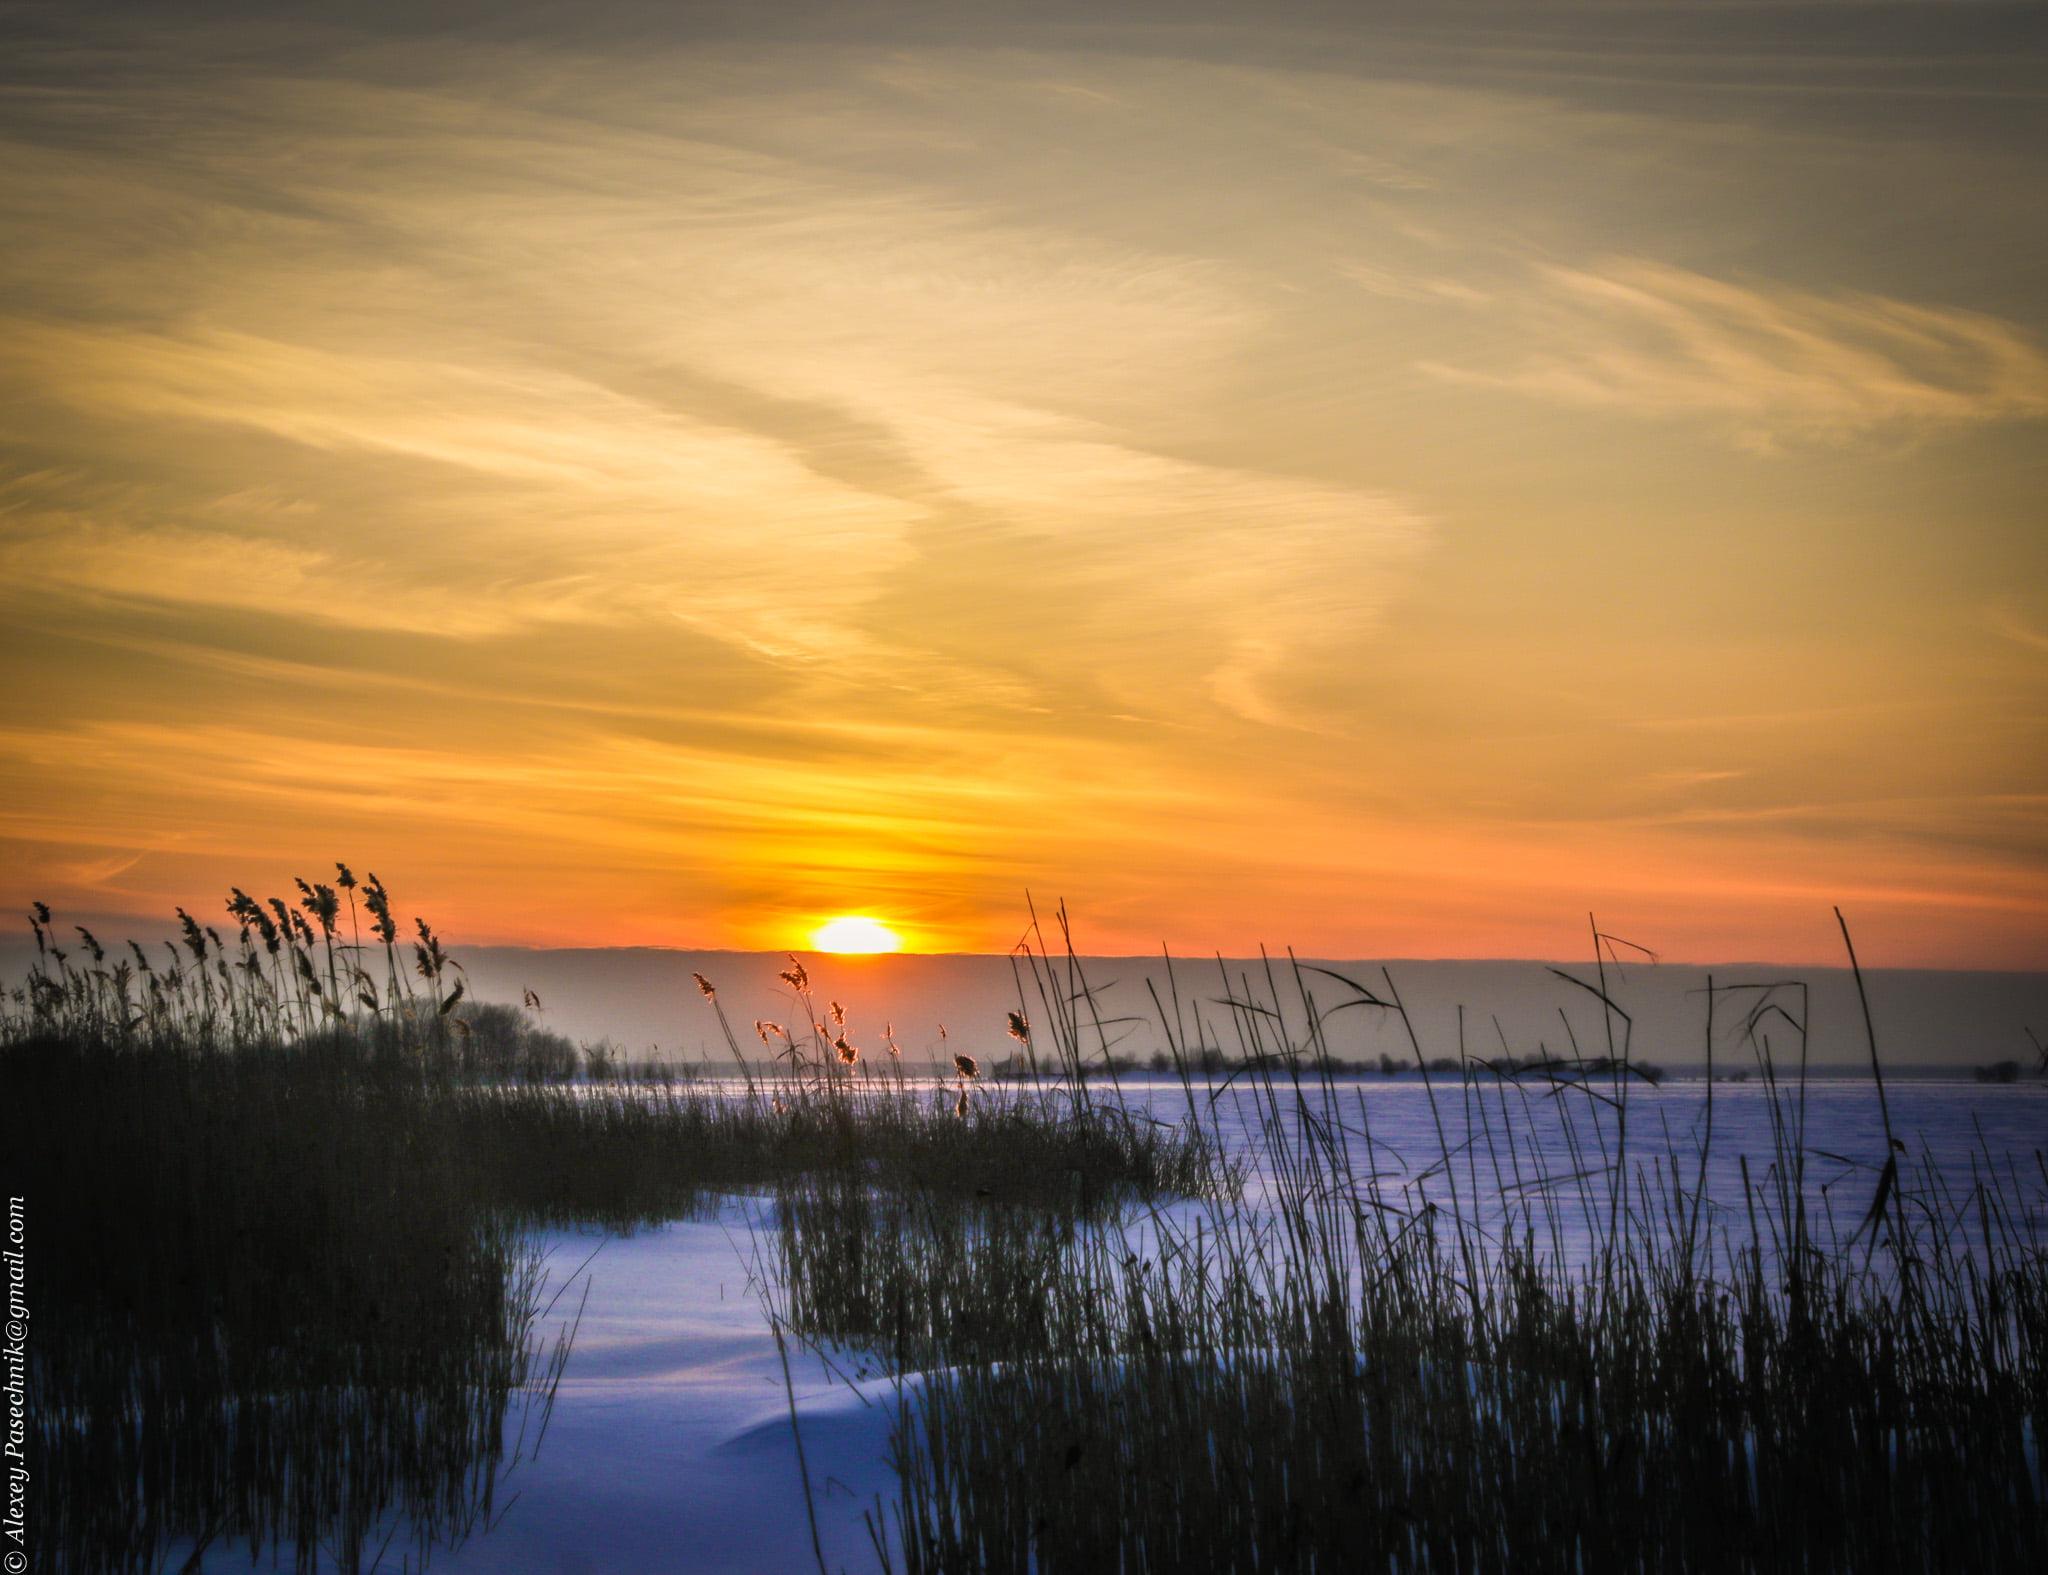 Канонерский остров. Финский залив. 22 февраля 2021 года.